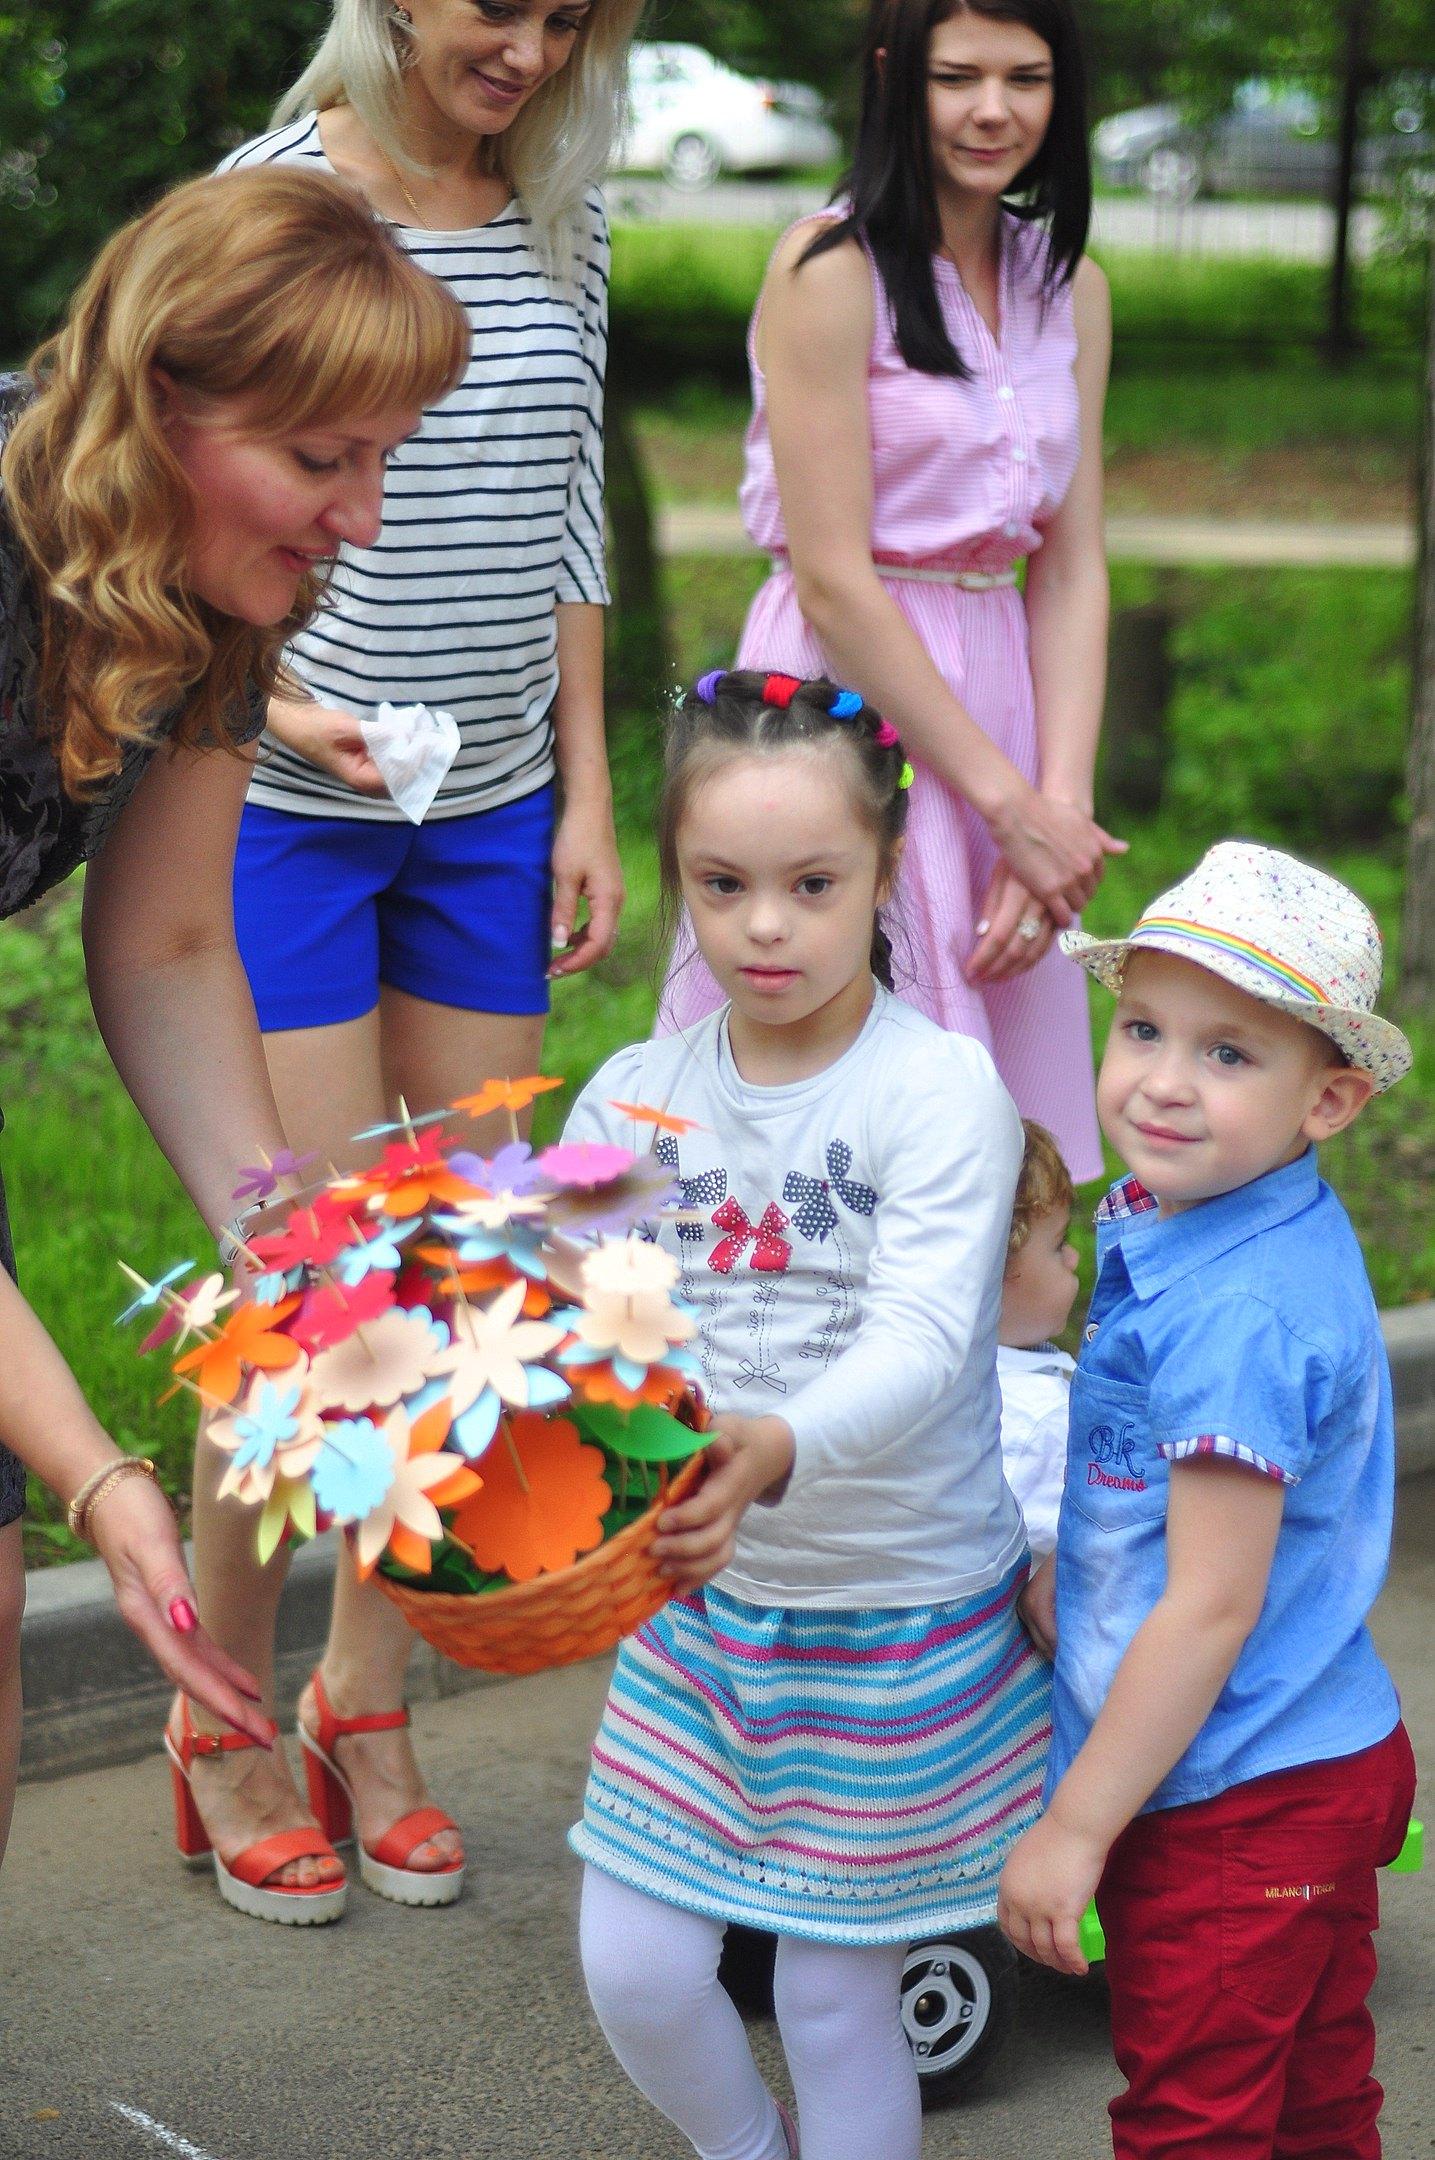 24.06.2016, вып. в Лесовичке, фото О. Сидяковой, 37